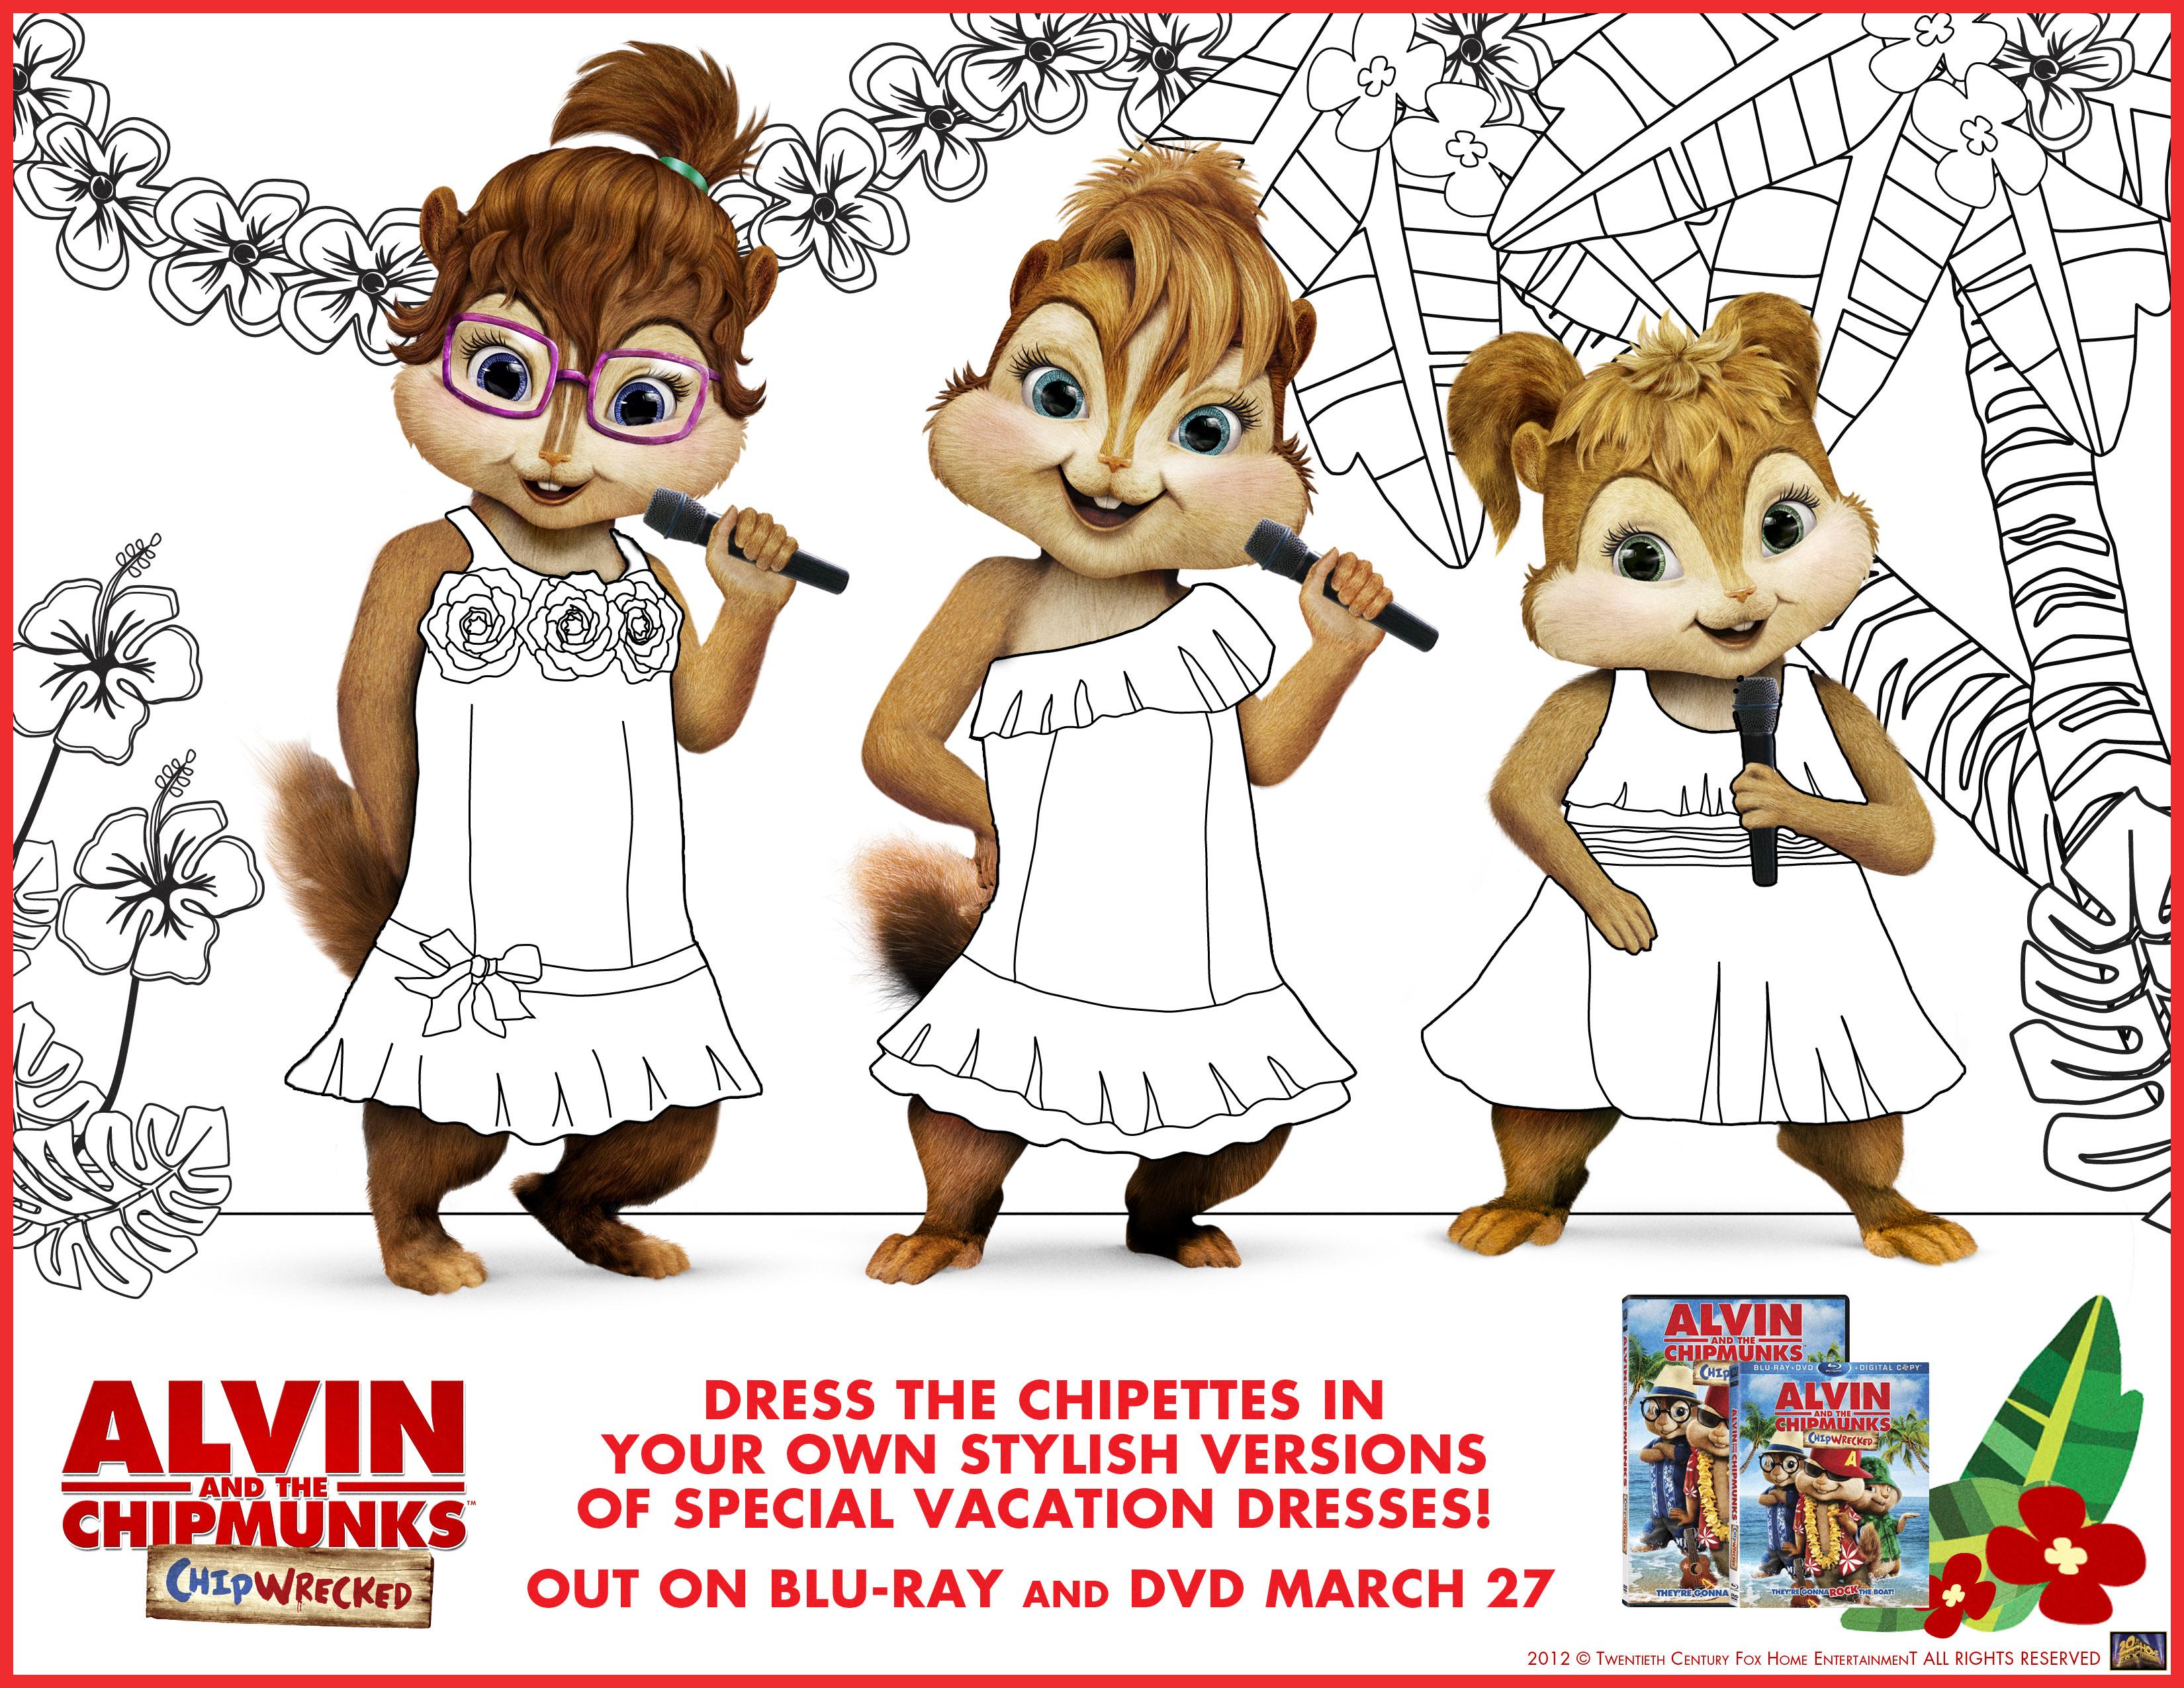 Coloriage De Alvin Et Les Chipmunks À Imprimer - Coloriage à Dessin De Alvin Et Les Chipmunks